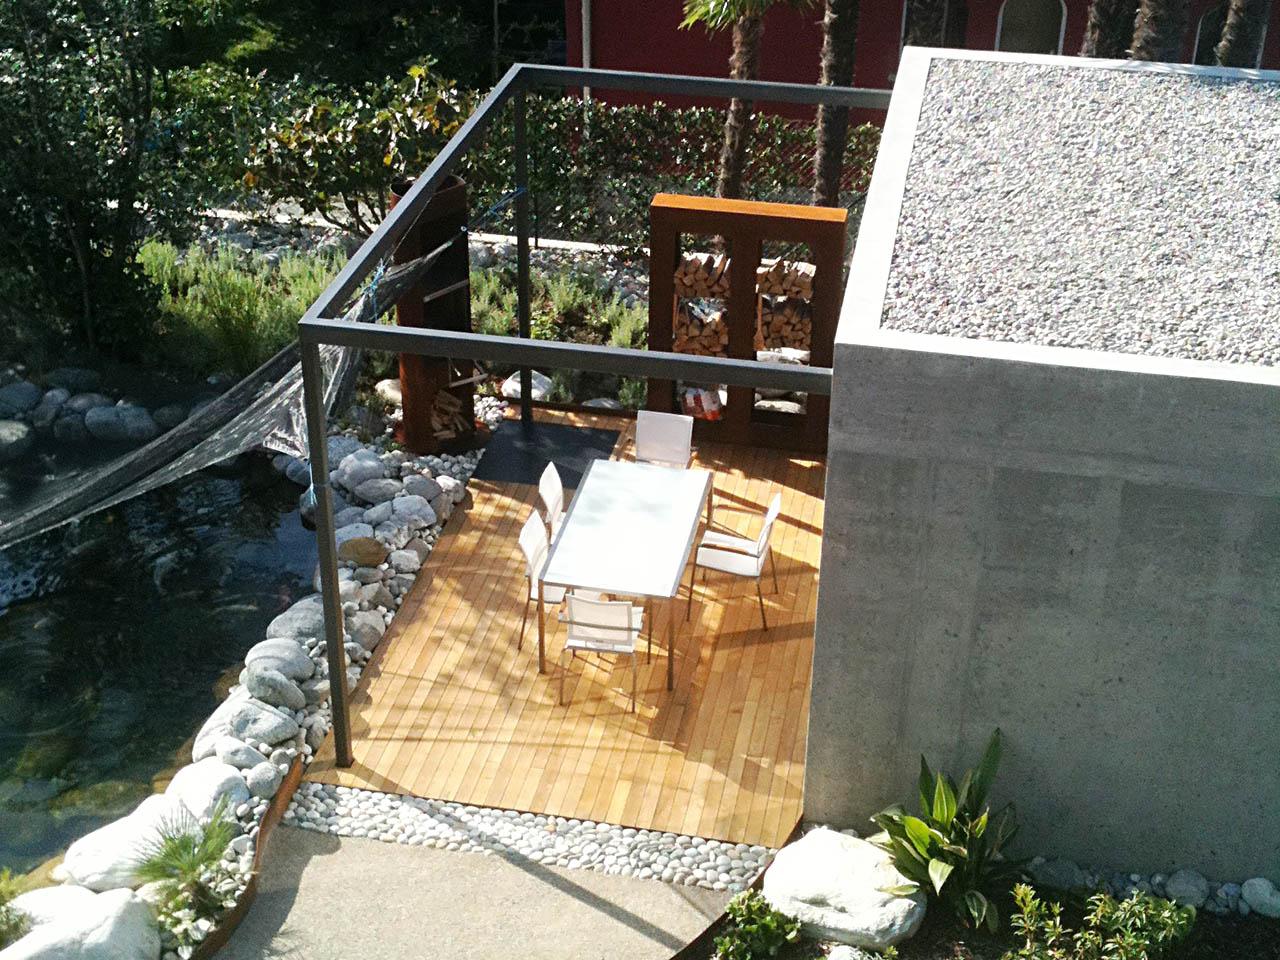 laubhus-architektur-mehrfamilienhaus-trachycarpus-ascona